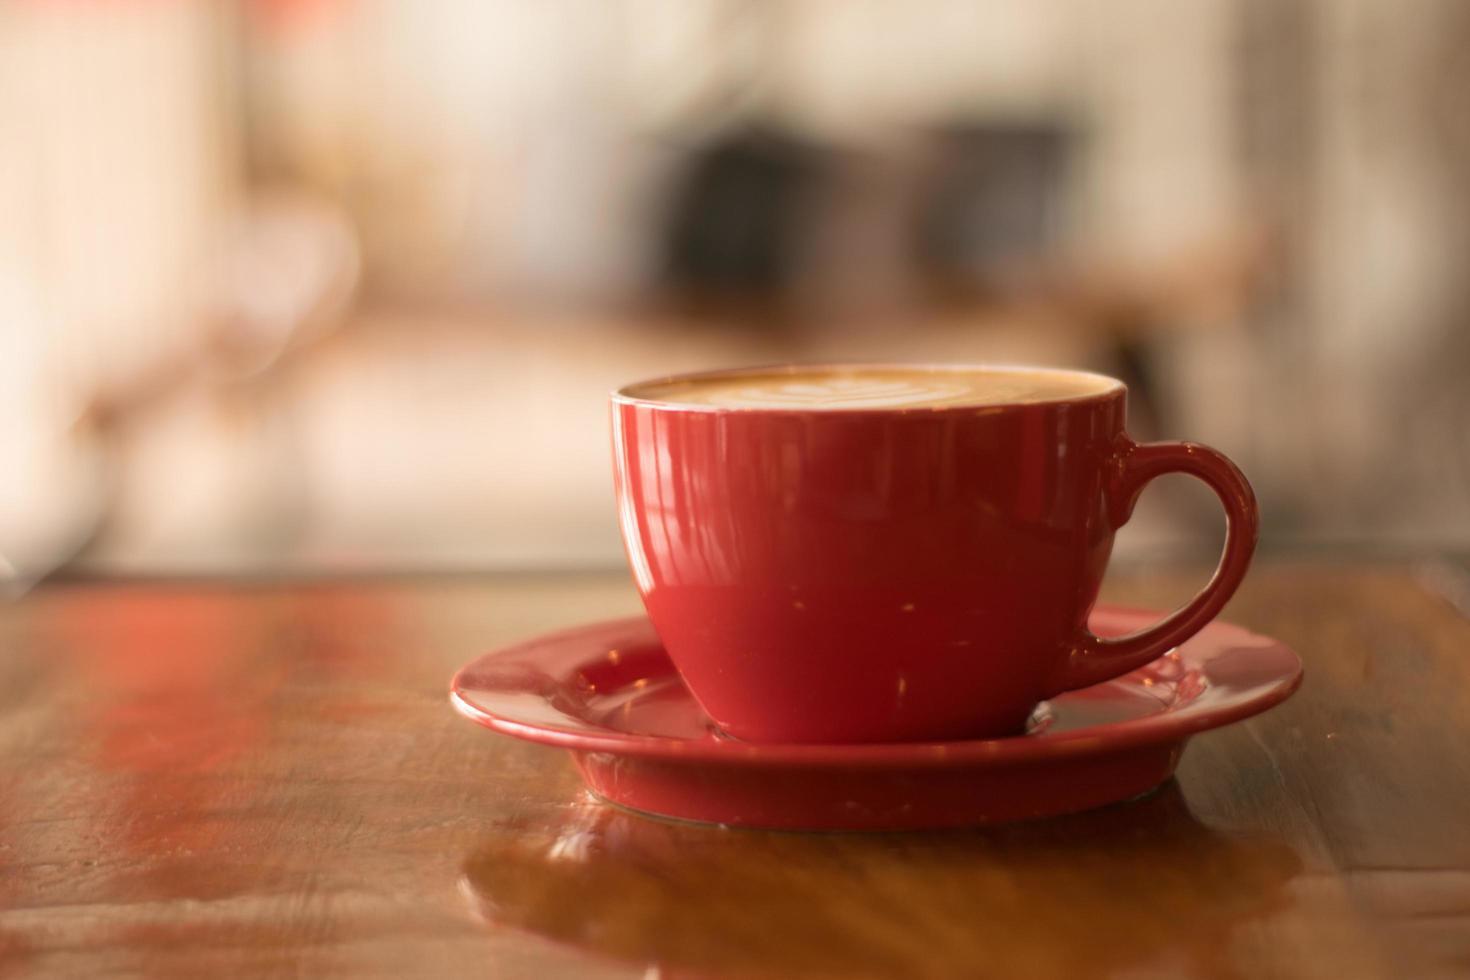 latte dans une tasse rouge photo